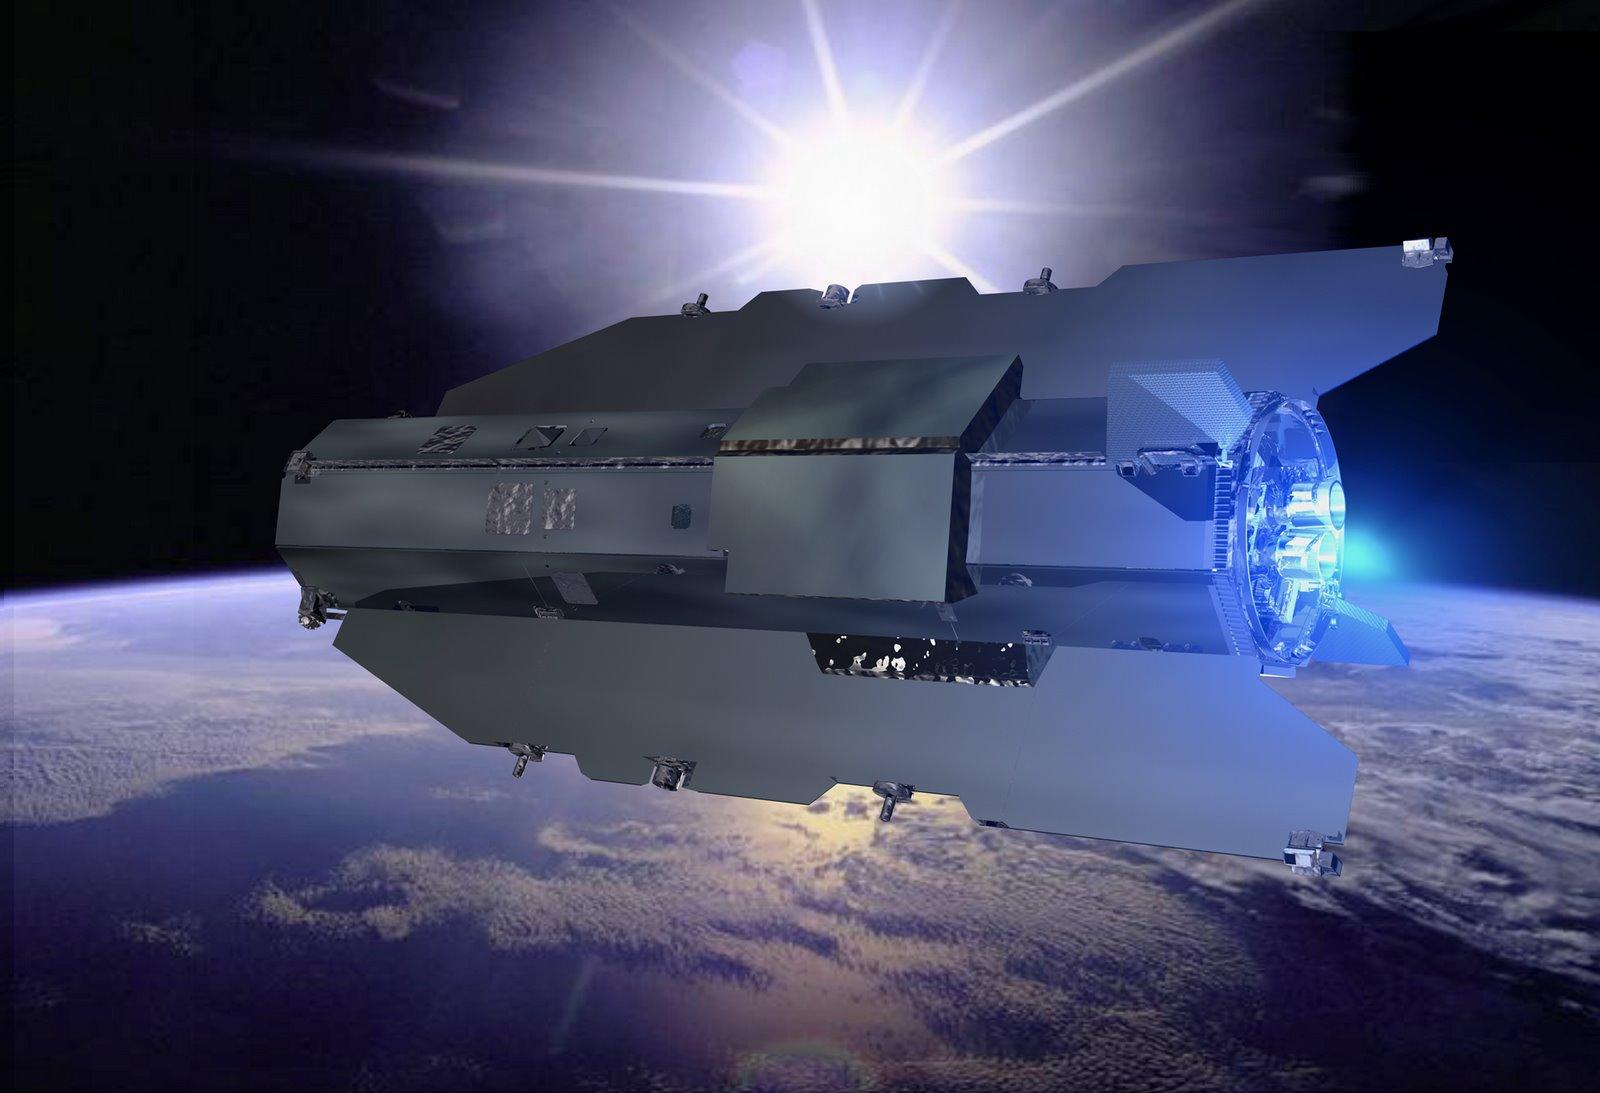 Il satellite che sta per cadere sulla Terra